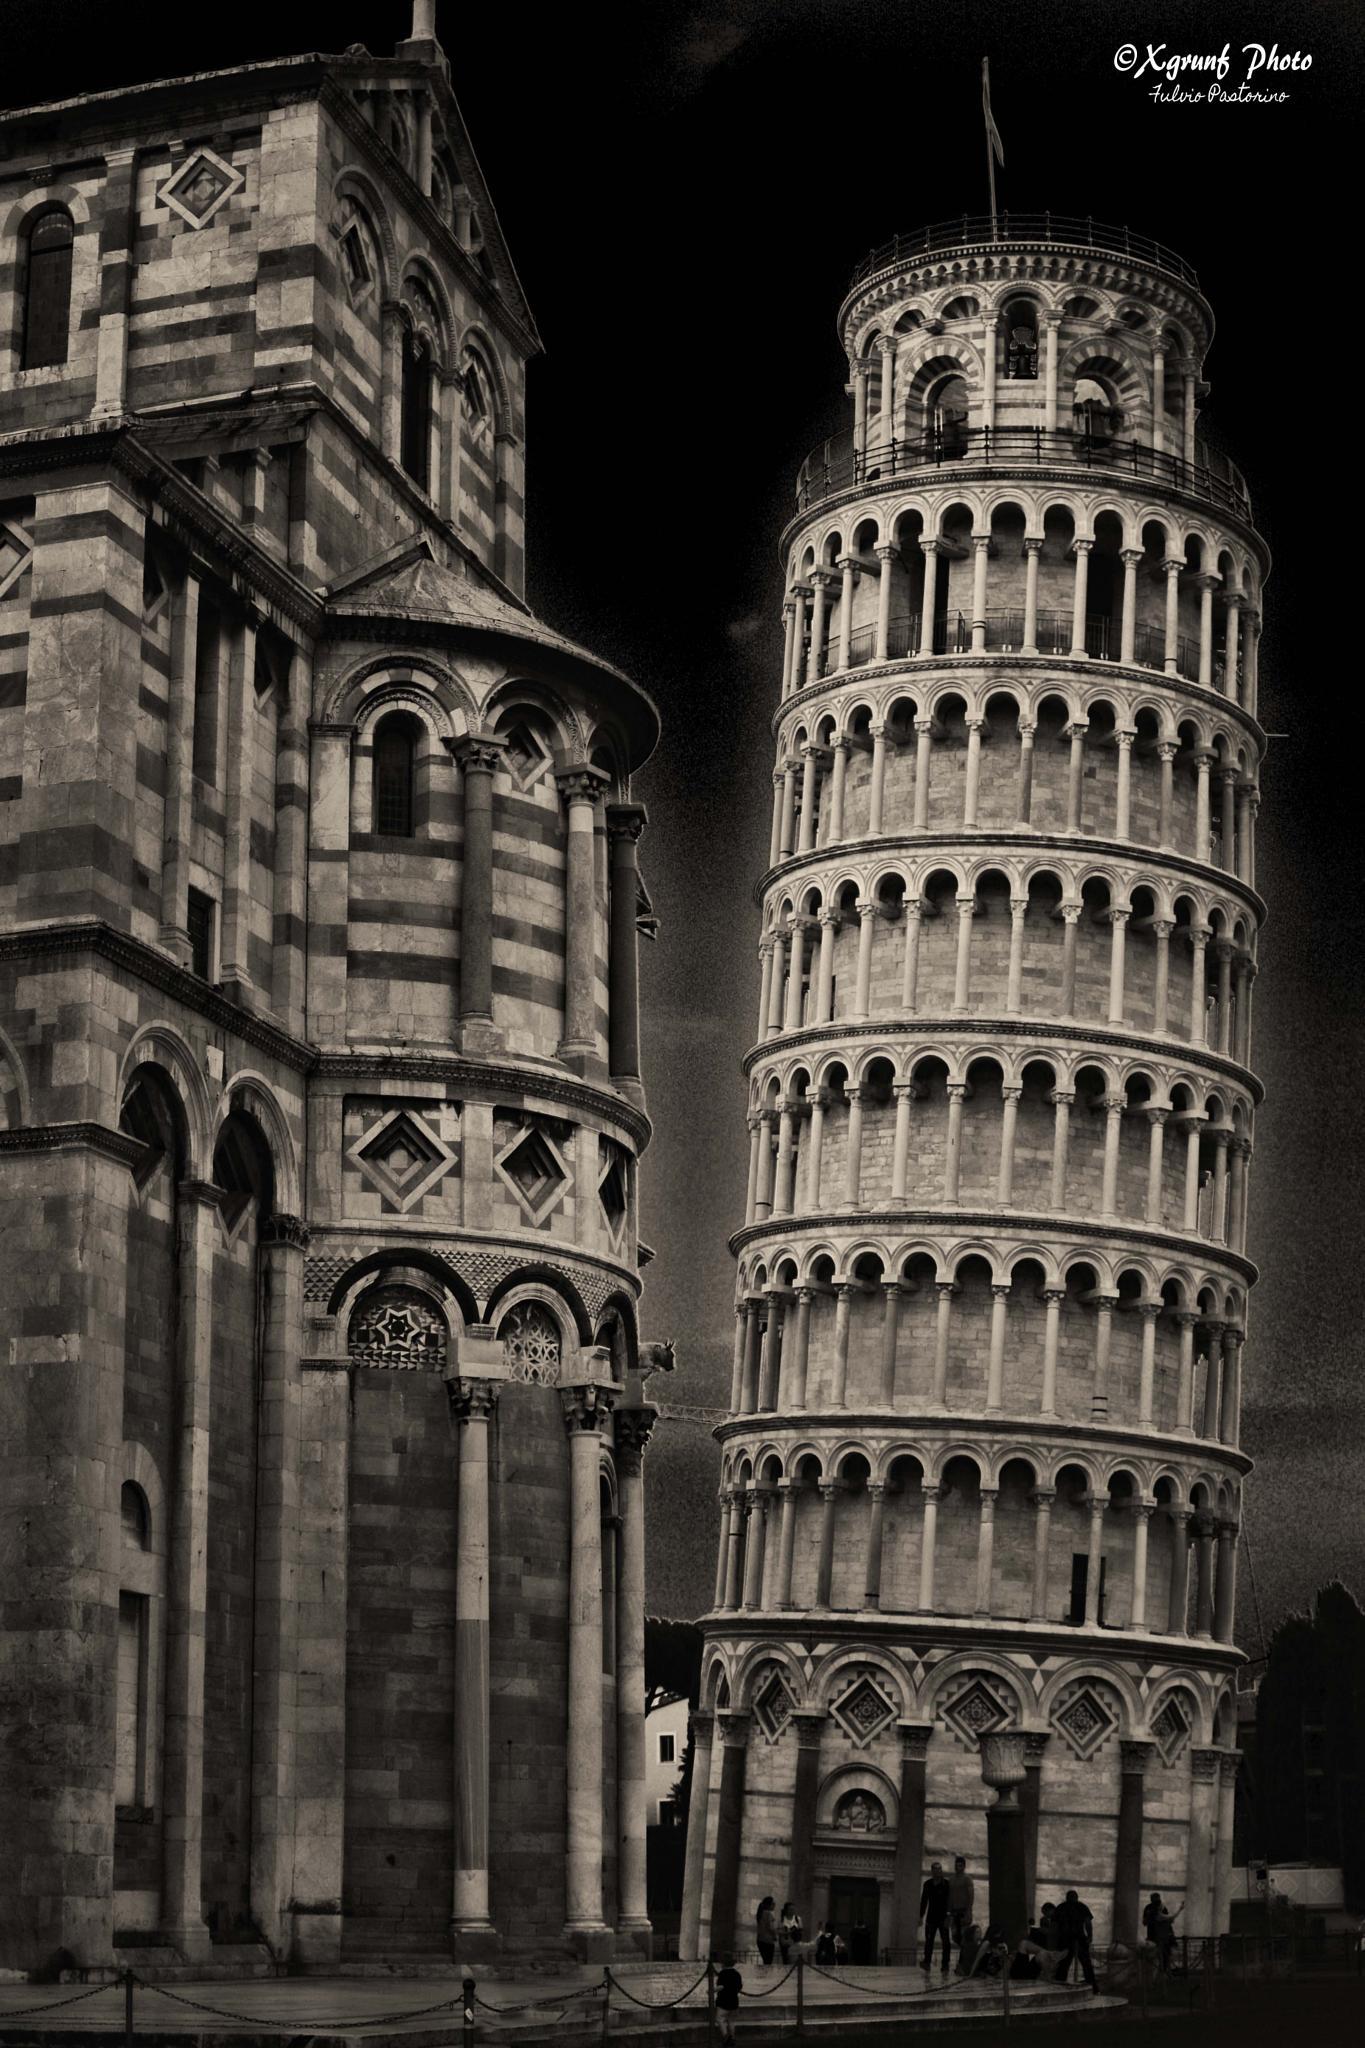 The Tower by fulvio.pastorino